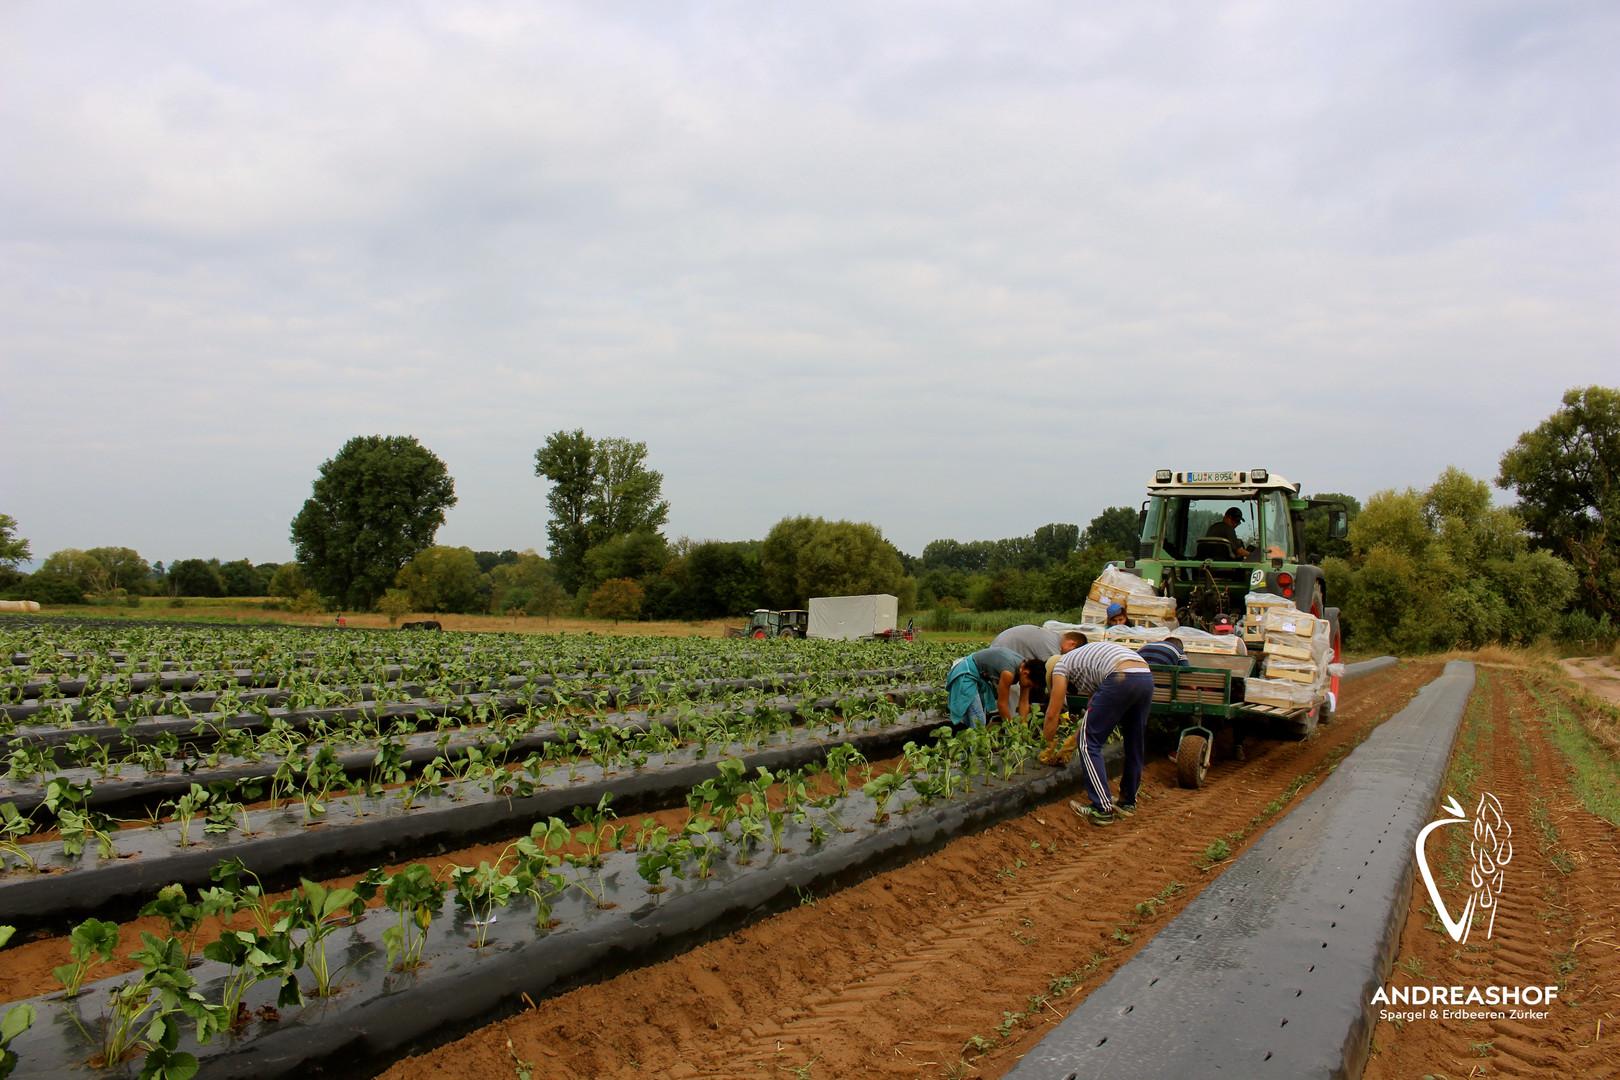 Erdbeerpflanzung